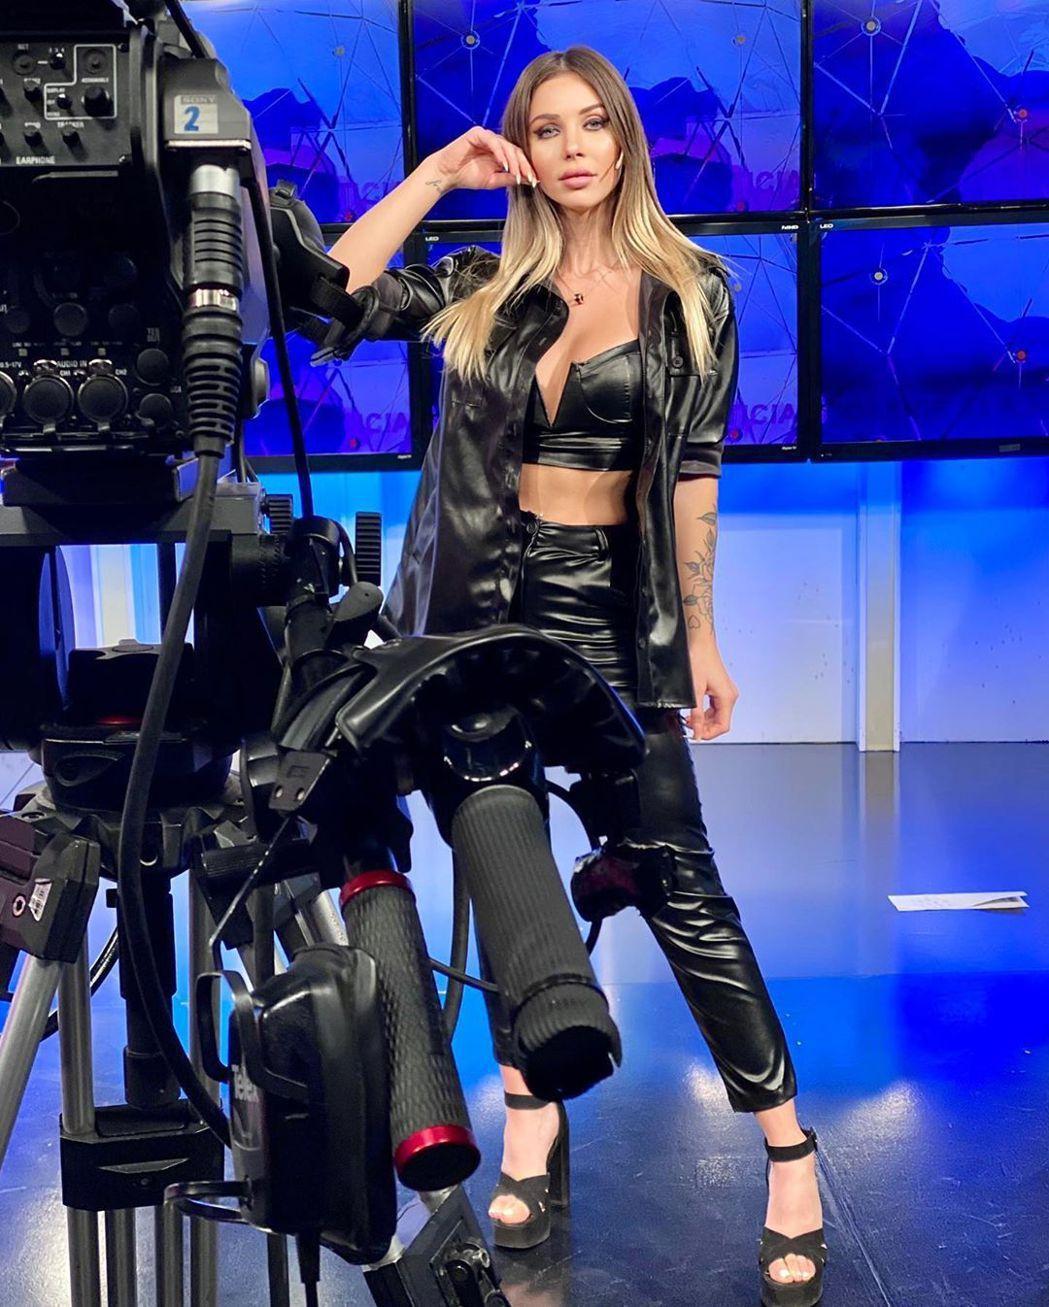 羅米娜播報新聞的穿著相當火辣。圖/擷自instagram。